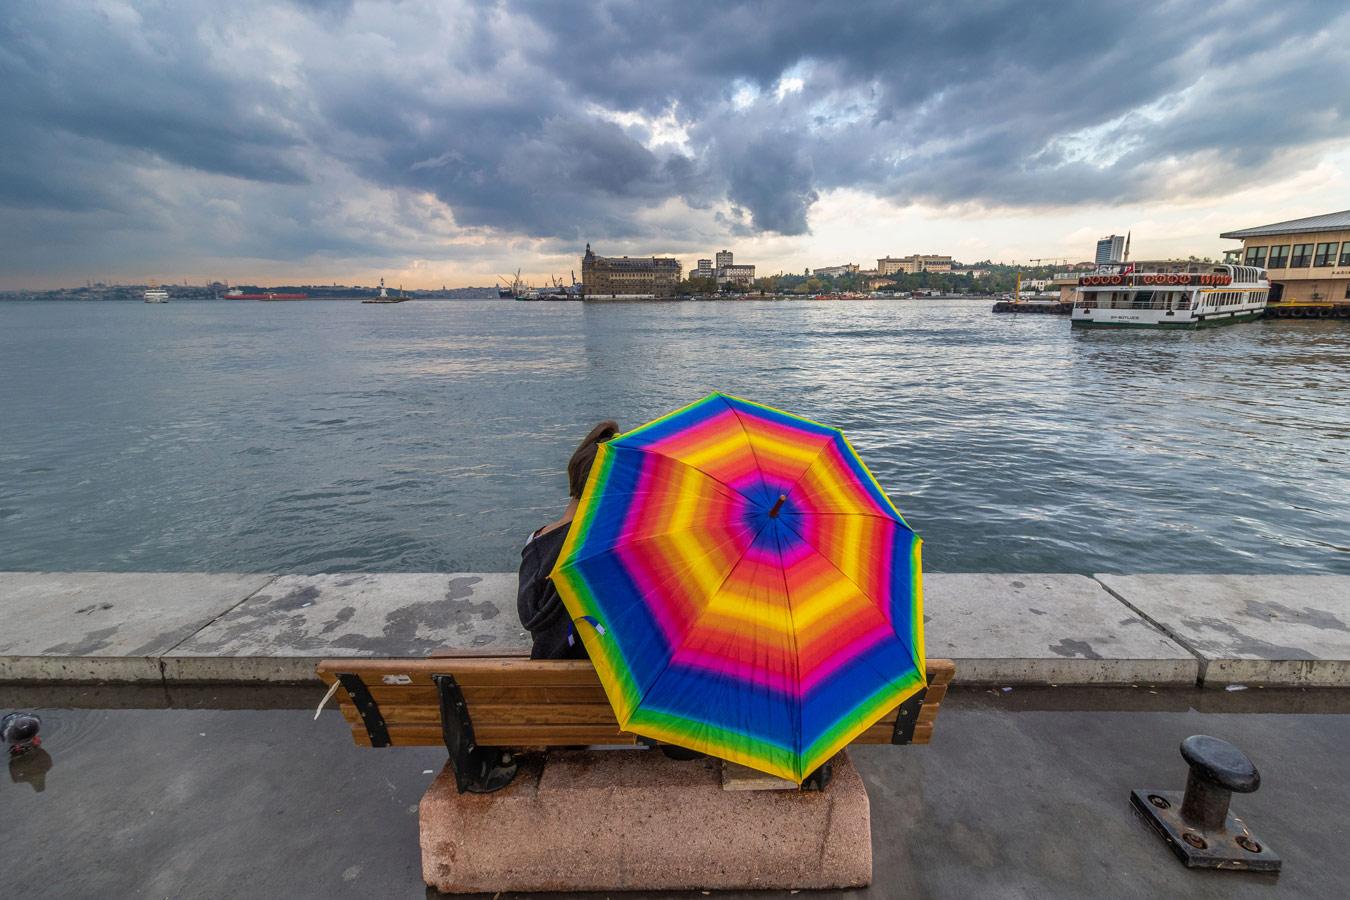 Красочный зонтик, © Мехран Черагчи Базар, Иран, Фильтр: поляризационный (PL), Фотоконкурс Marumi «Городской пейзаж со светофильтром»